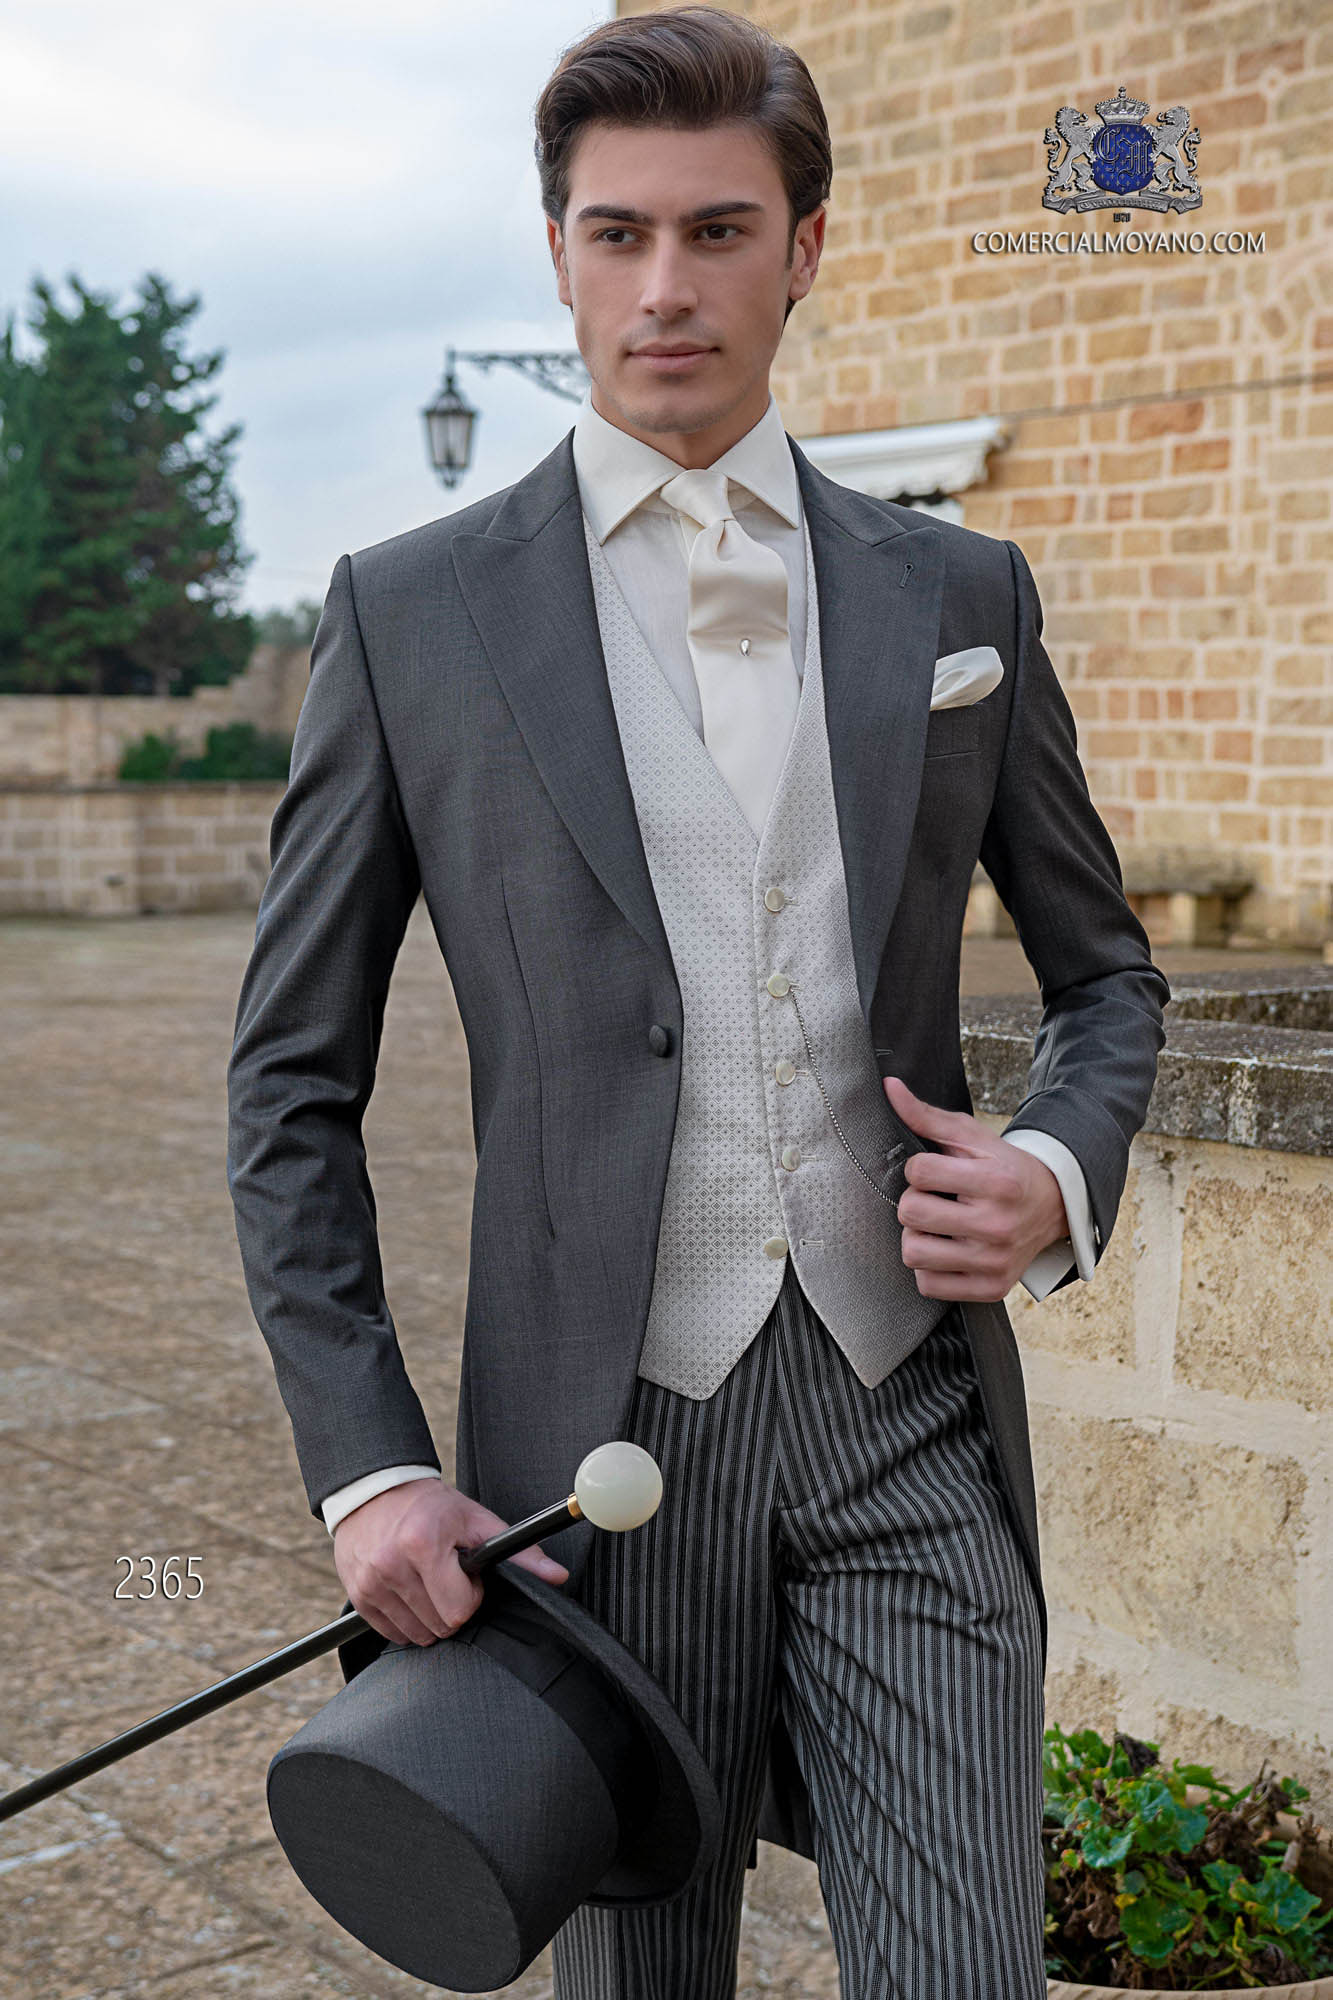 Italienische cut anthrazit graue Anzug mit Nadelstreifenhose ON 2365